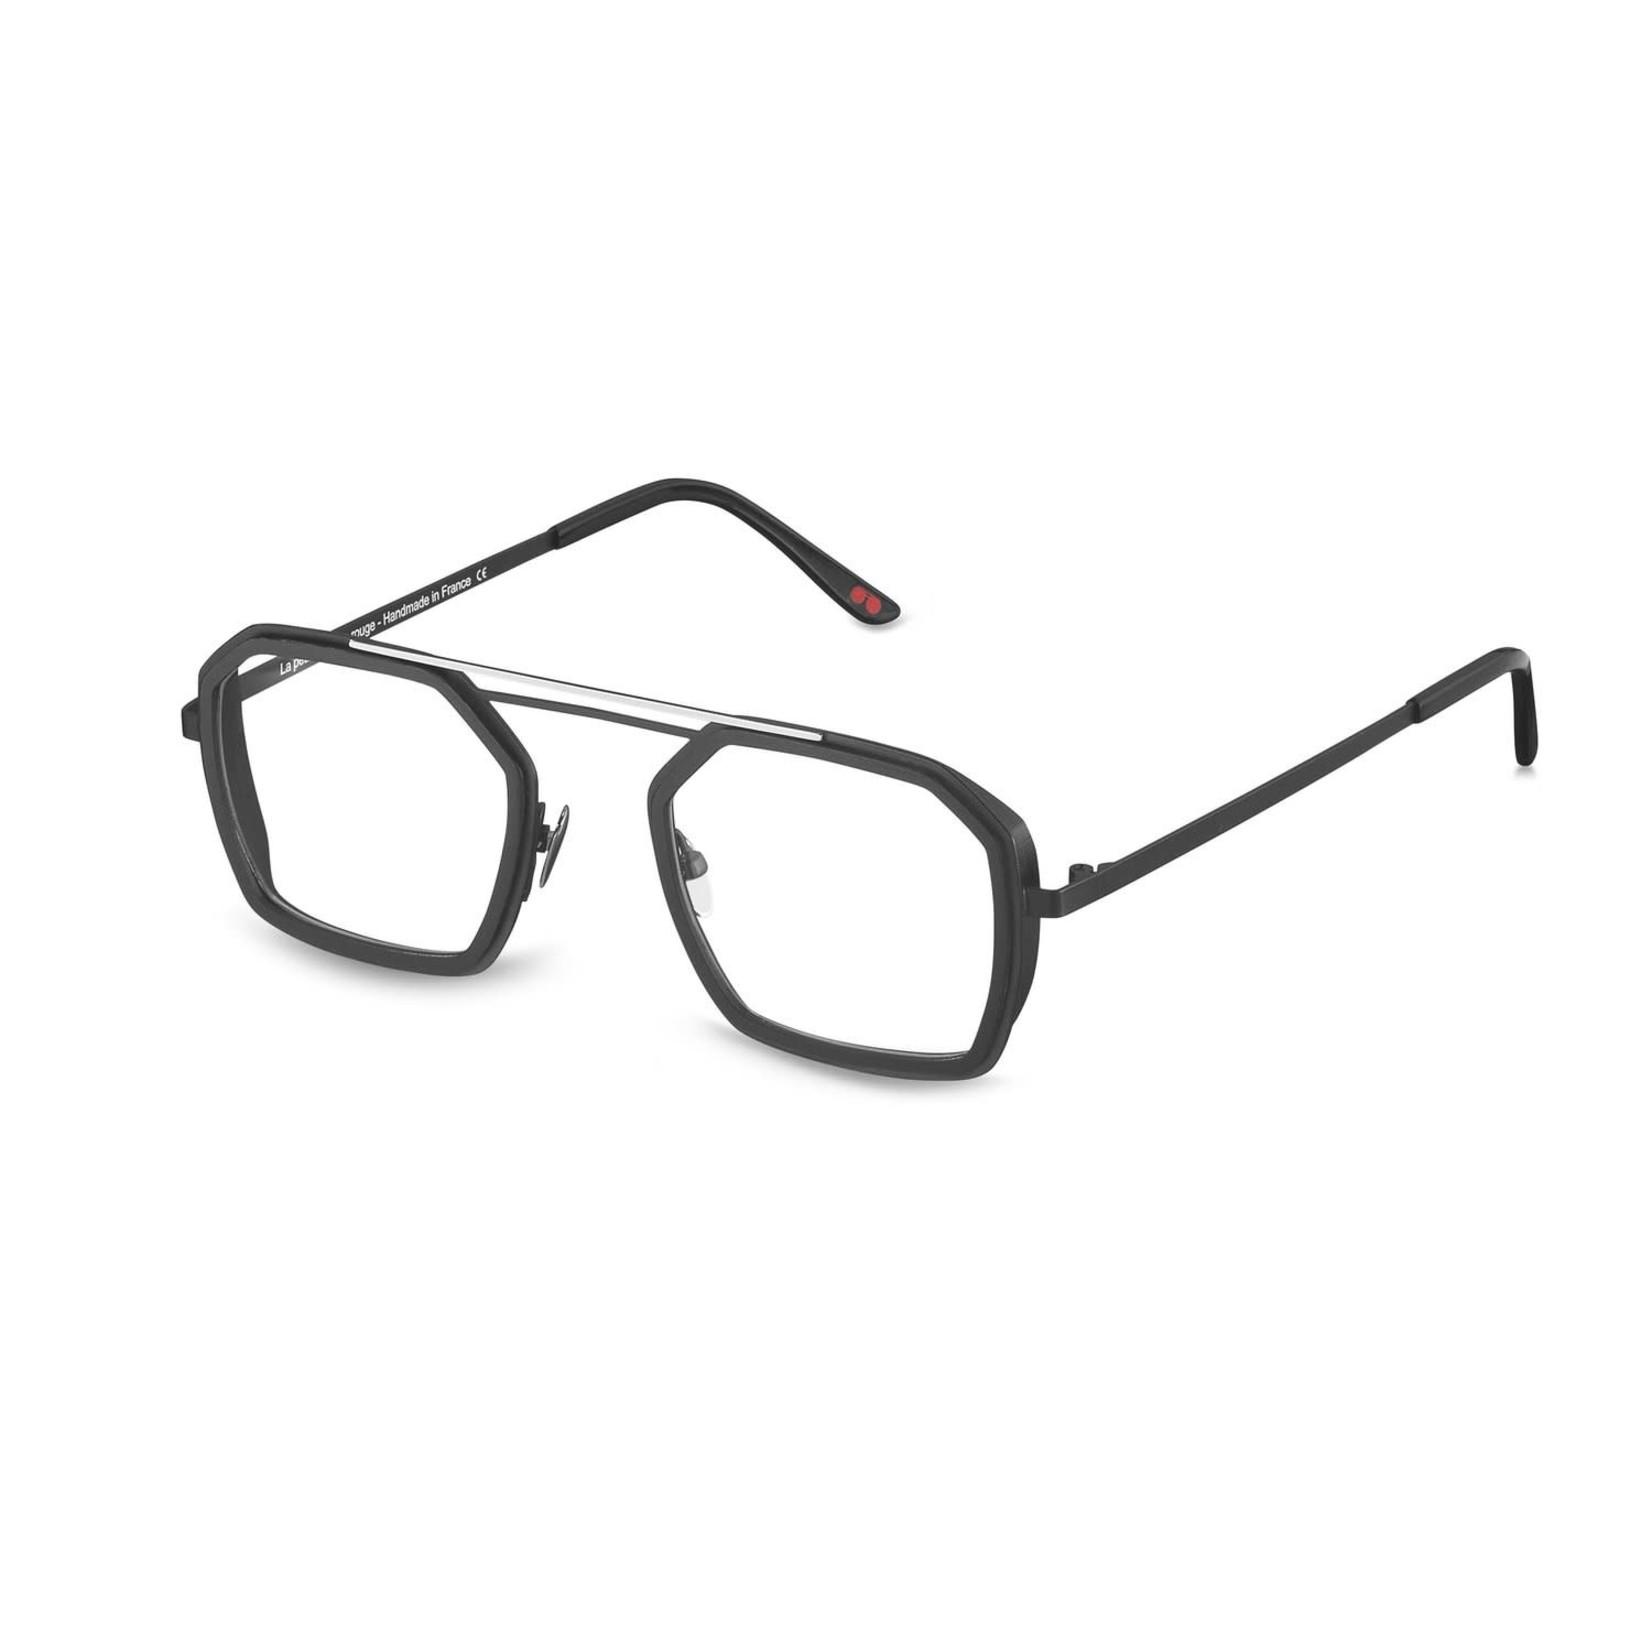 La Petite Lunette Eyewear LPLR Ckrast